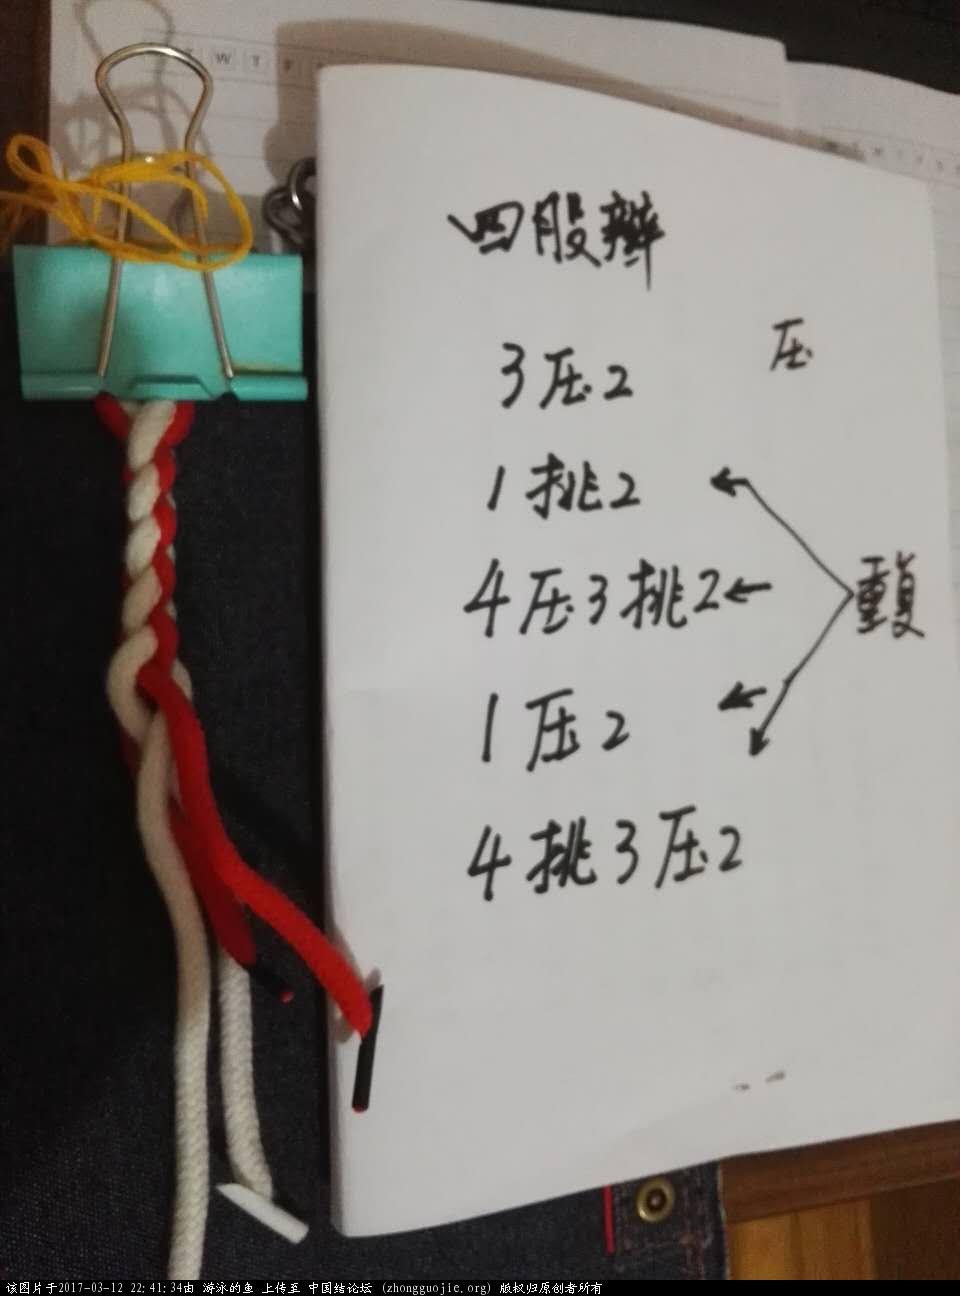 中国结论坛 四股辫视频教程  -- --转自优酷视频 视频教程 四股辫,优酷视频,视频教程 视频教程区 222914jpilw6bjgpabnonb